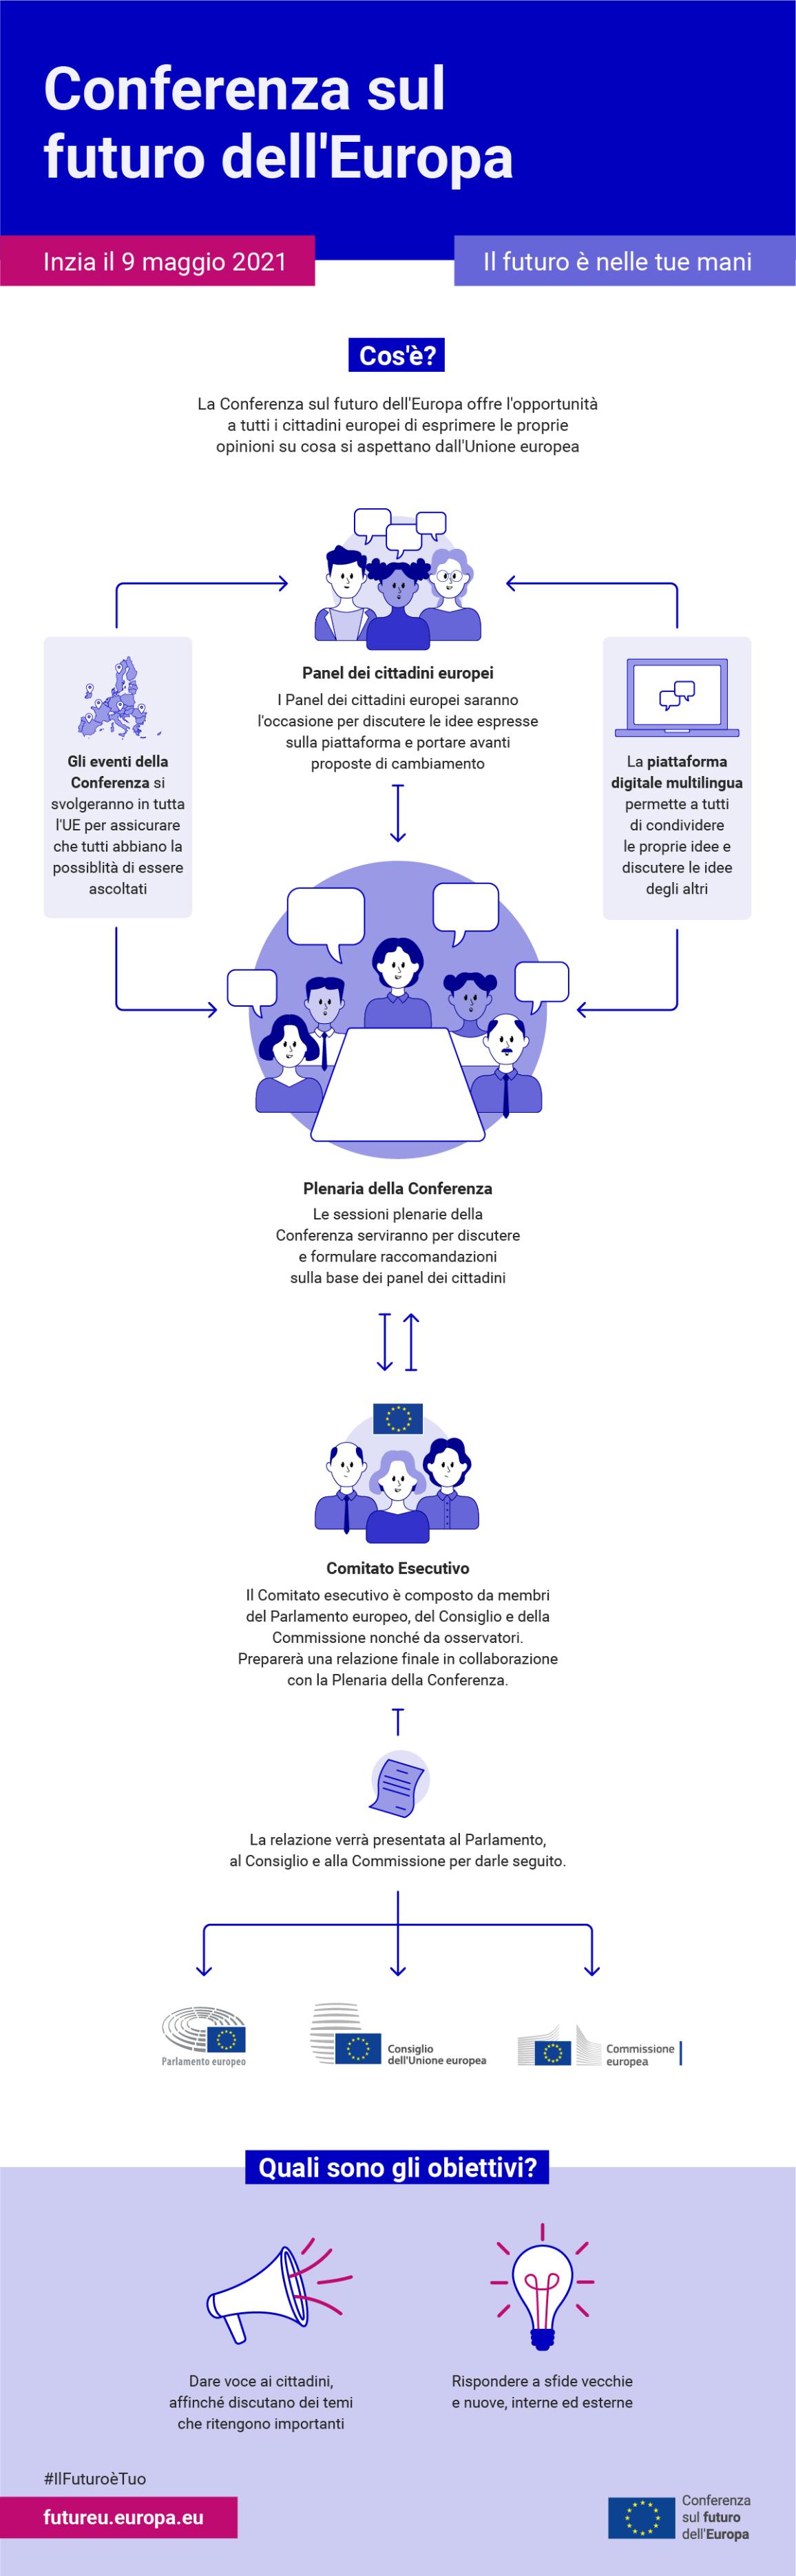 Infografica sul funzionamento della Conferenza sul futuro dell'Europa